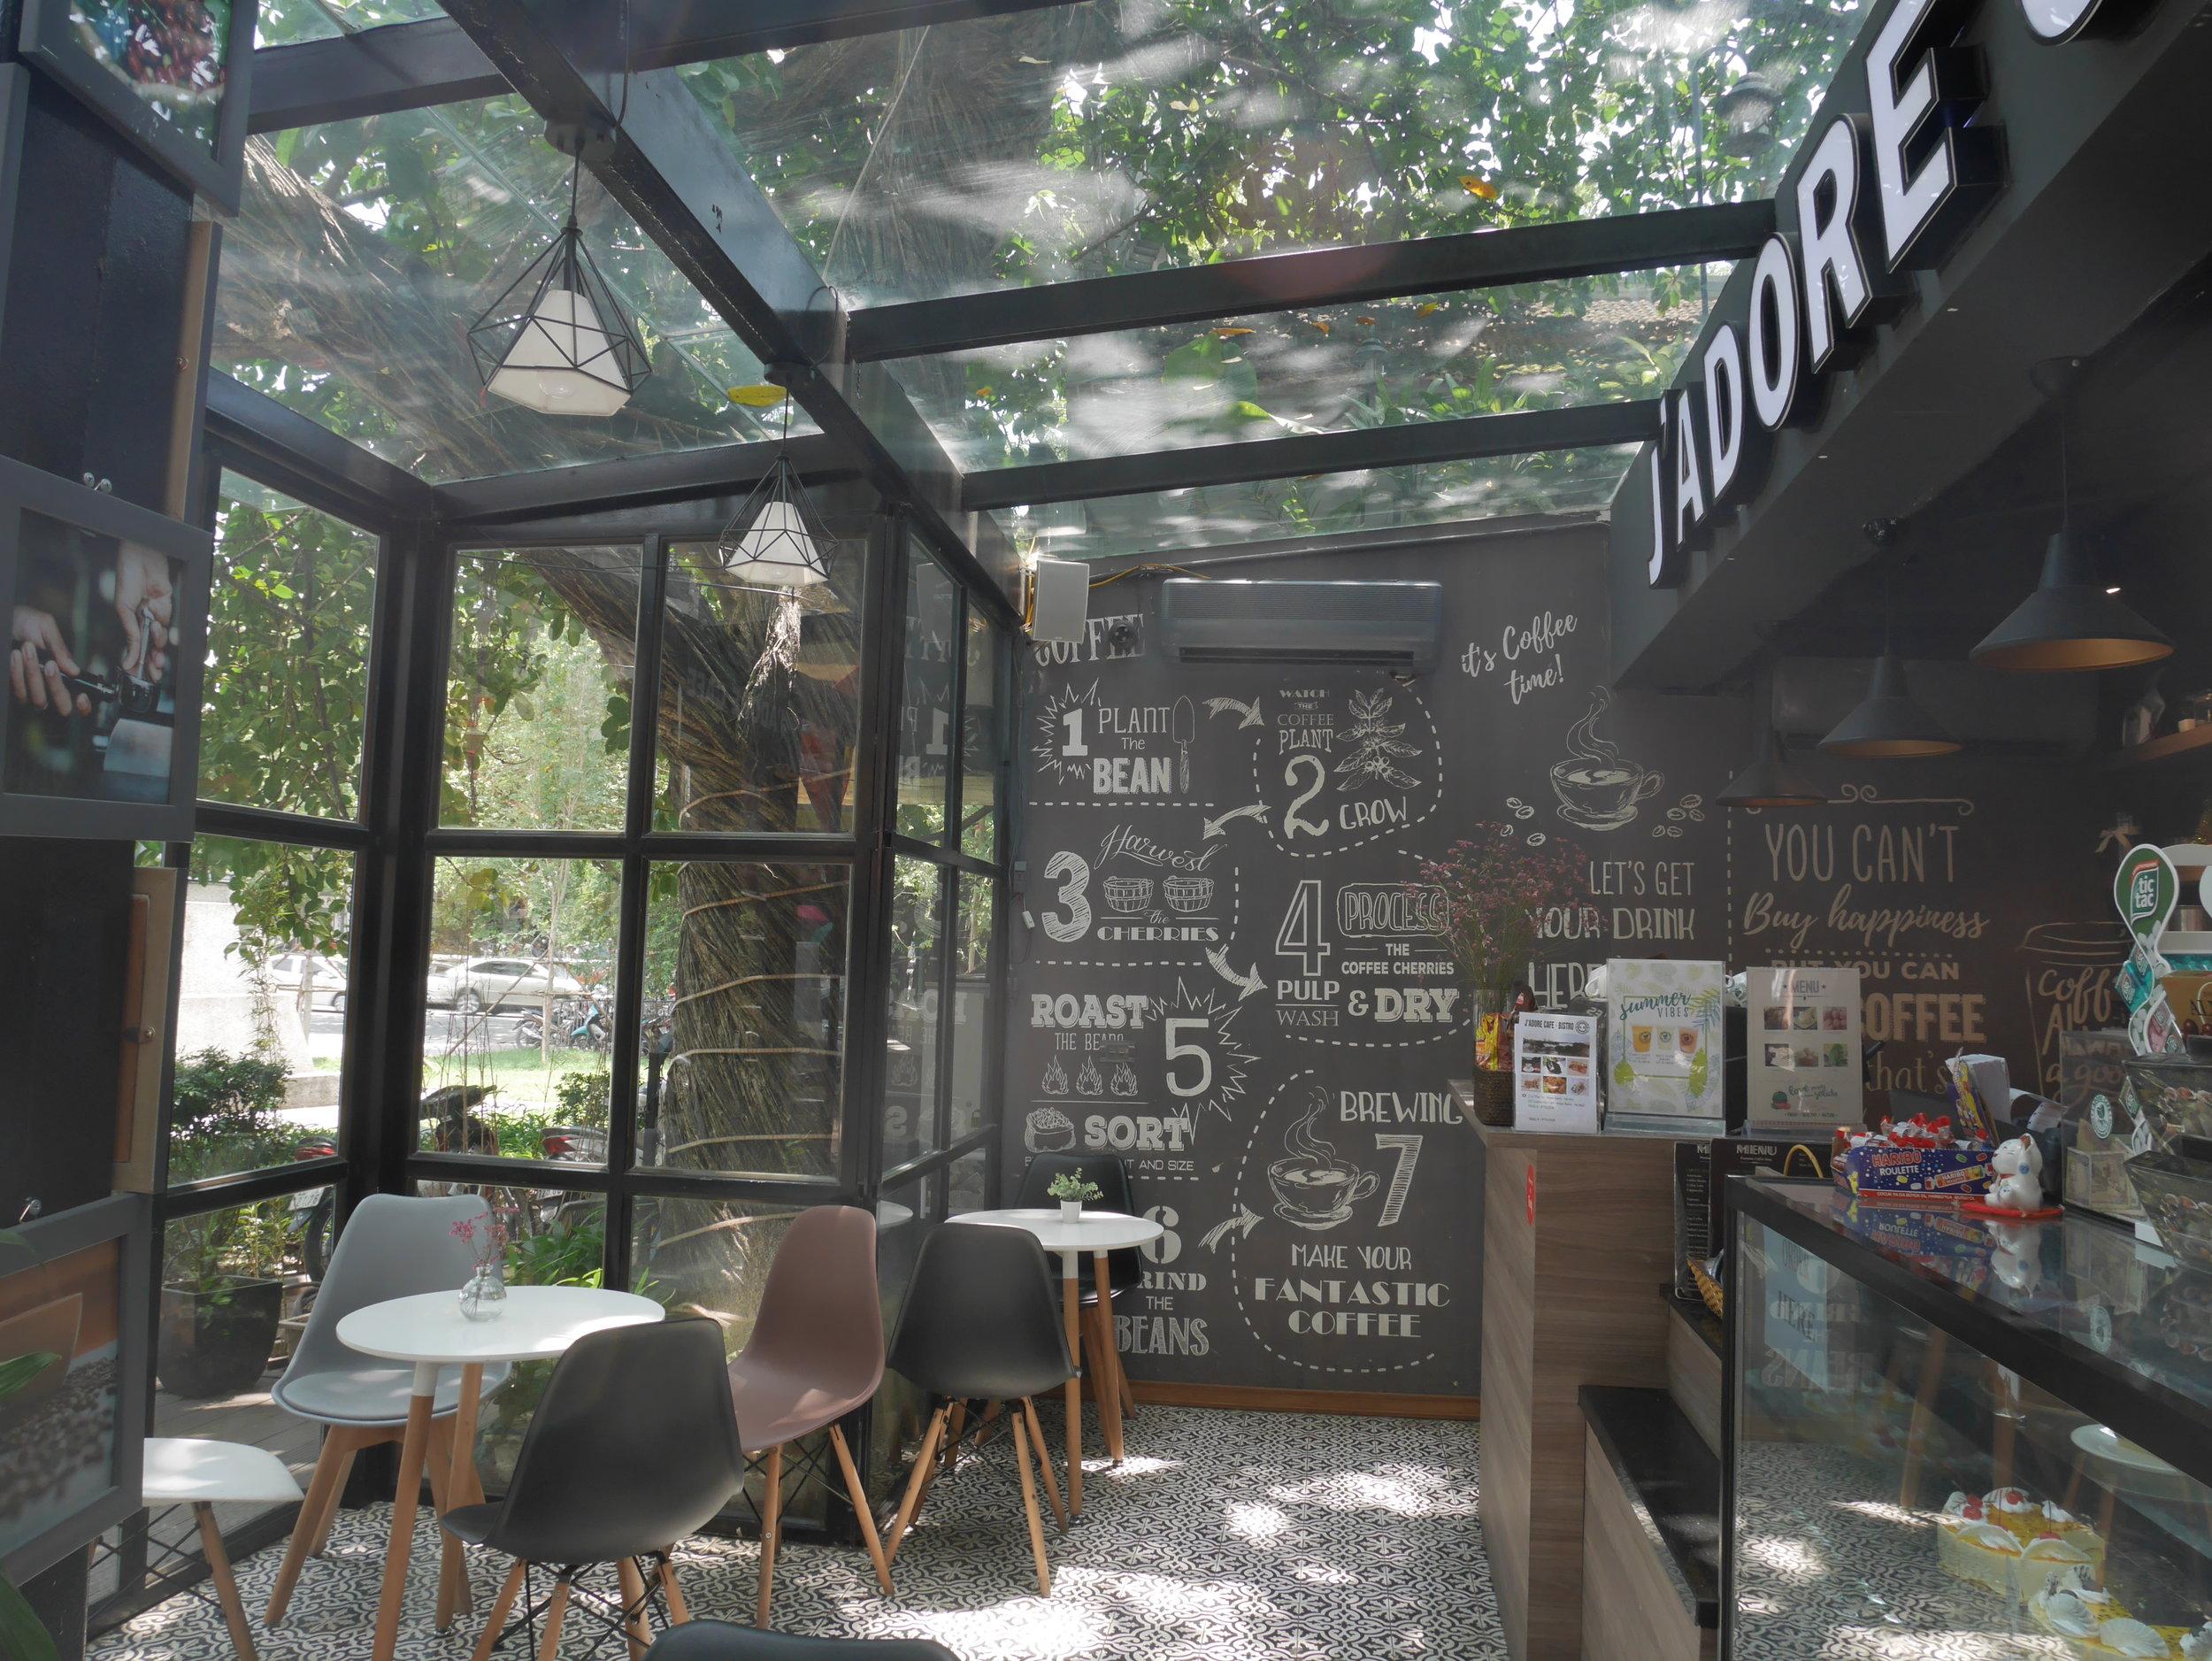 Inside J'Adore cafe. Loos like a little glass house.